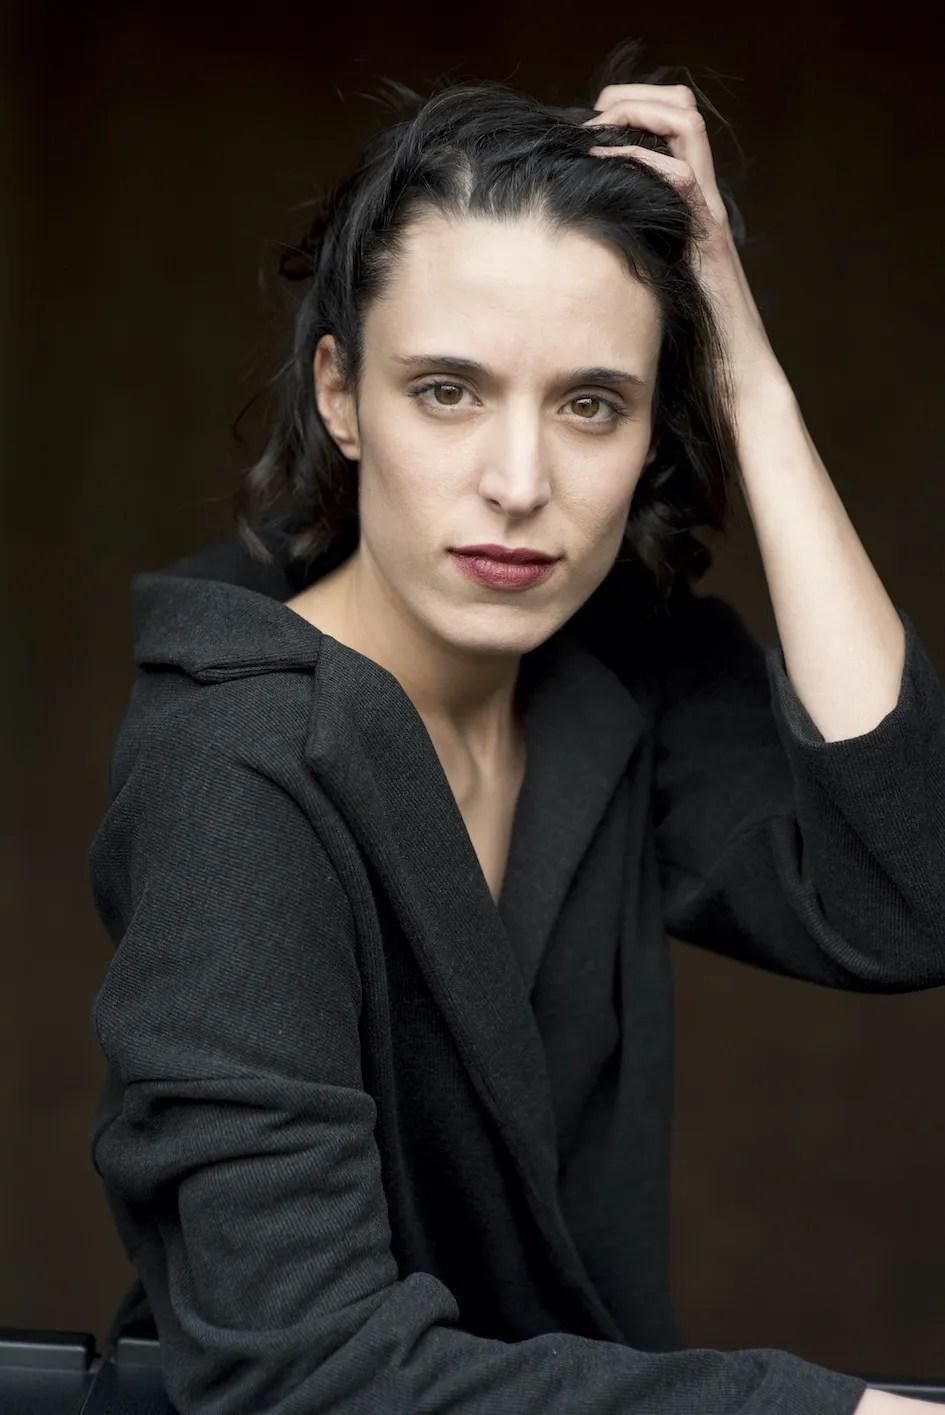 Floriana Corlito